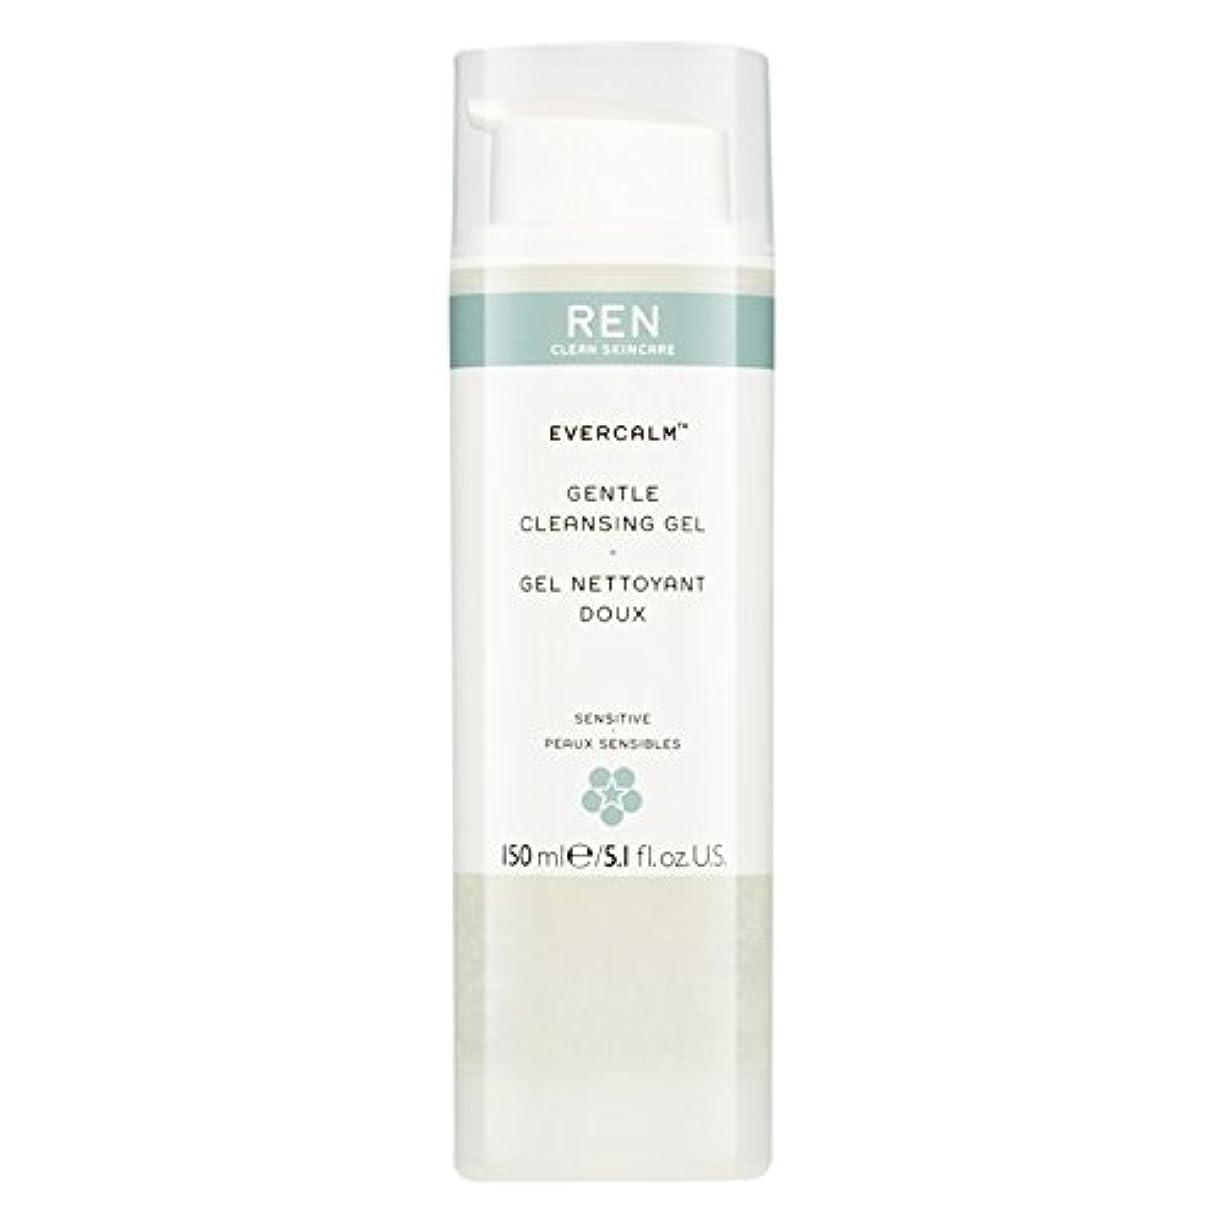 聖なる選ぶまもなくRen Evercalm優しいクレンジングジェル、150ミリリットル (REN) - REN Evercalm Gentle Cleansing Gel, 150ml [並行輸入品]